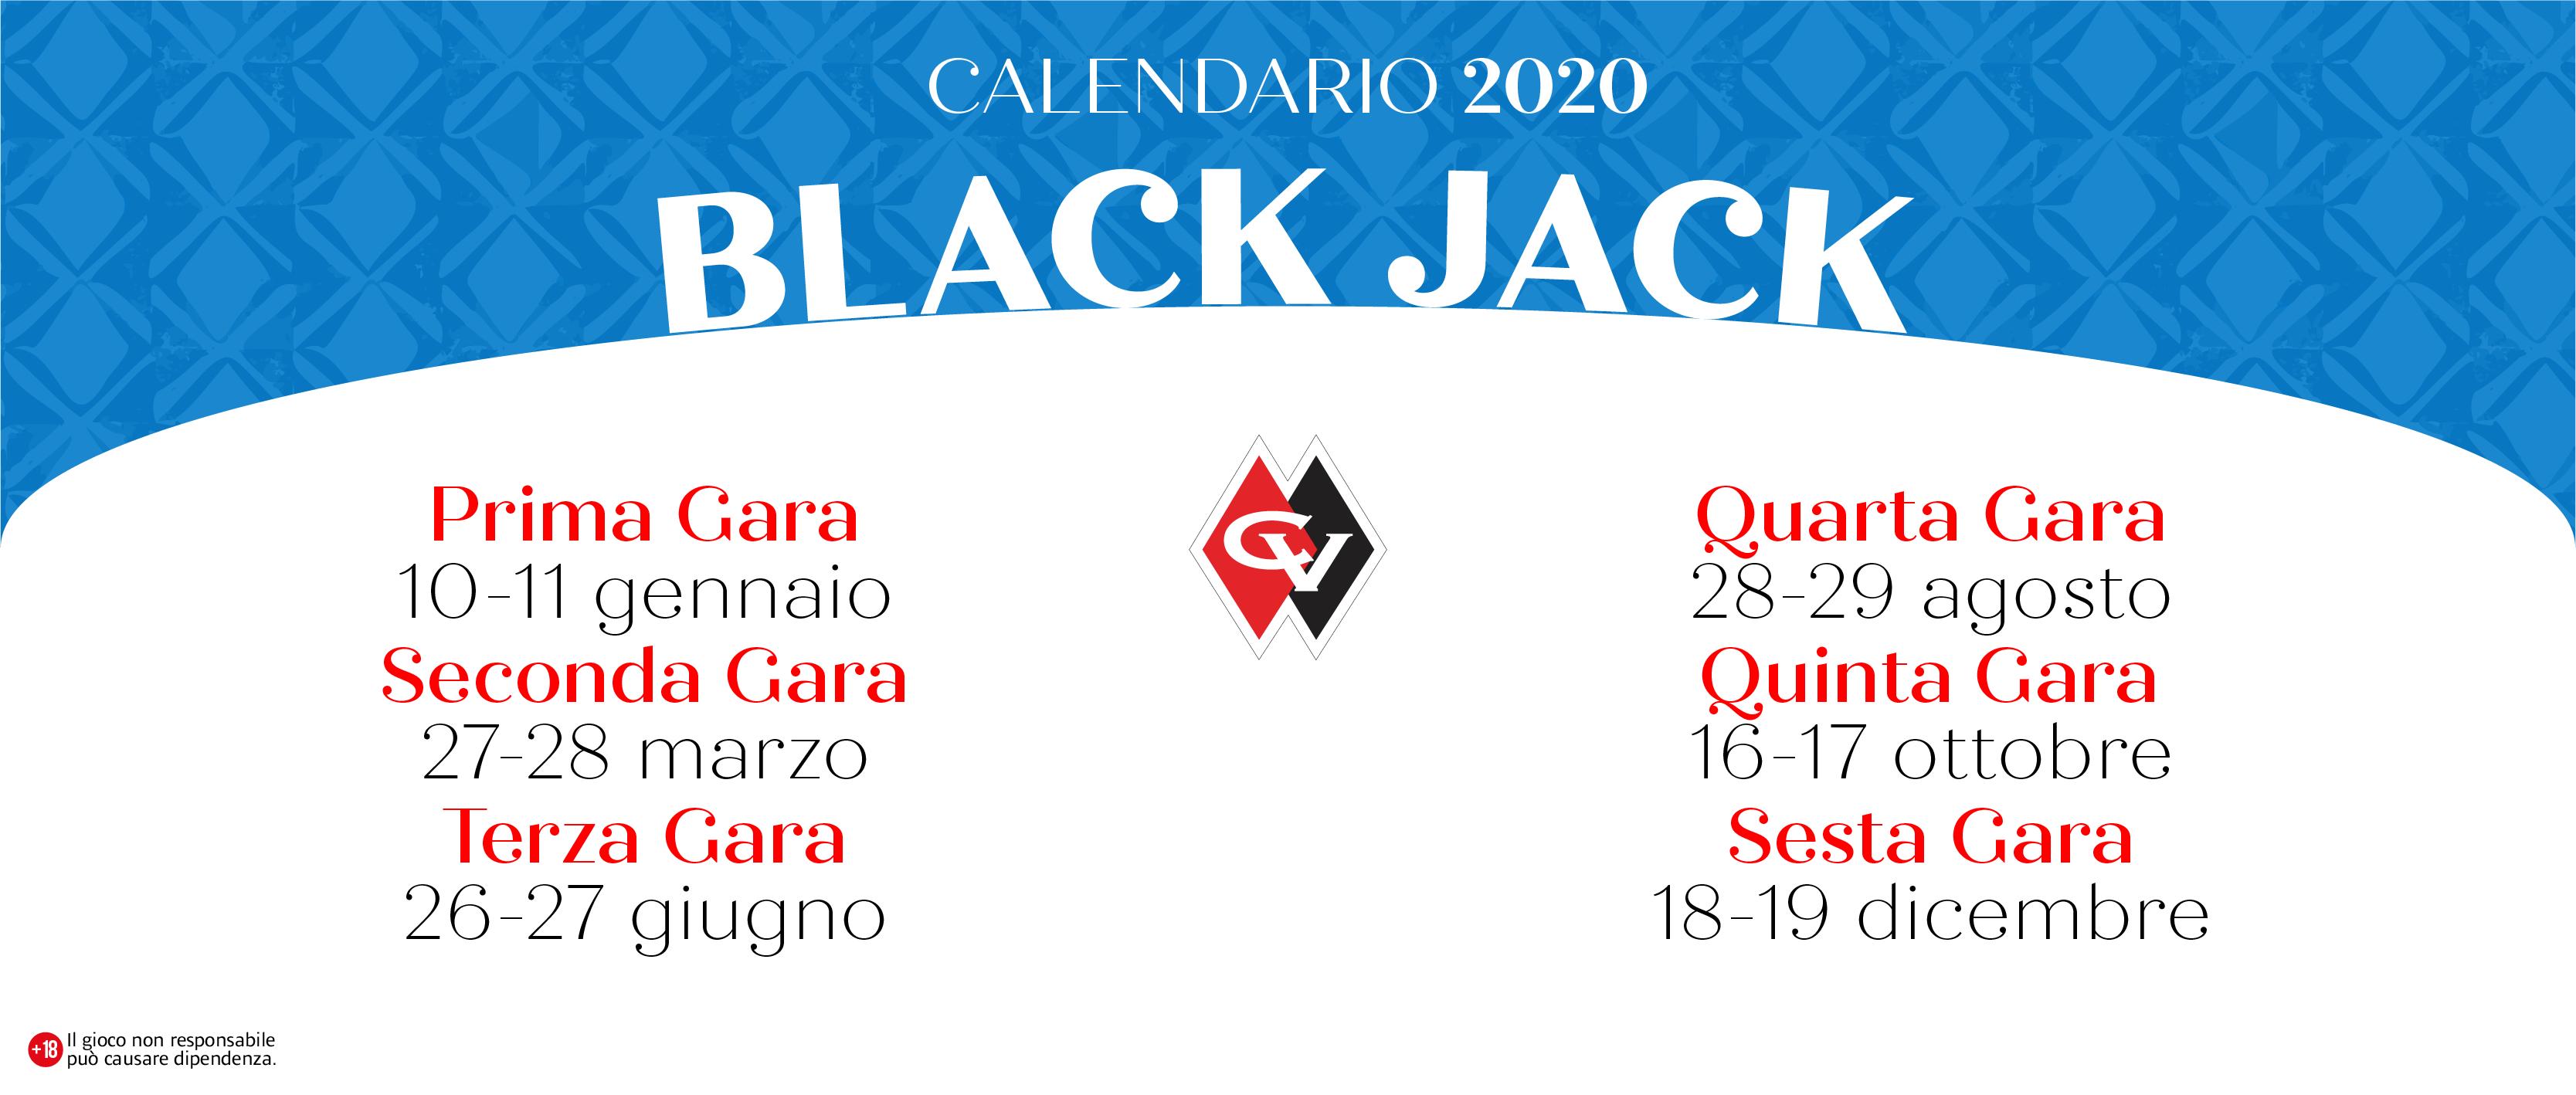 Black Jack 2020